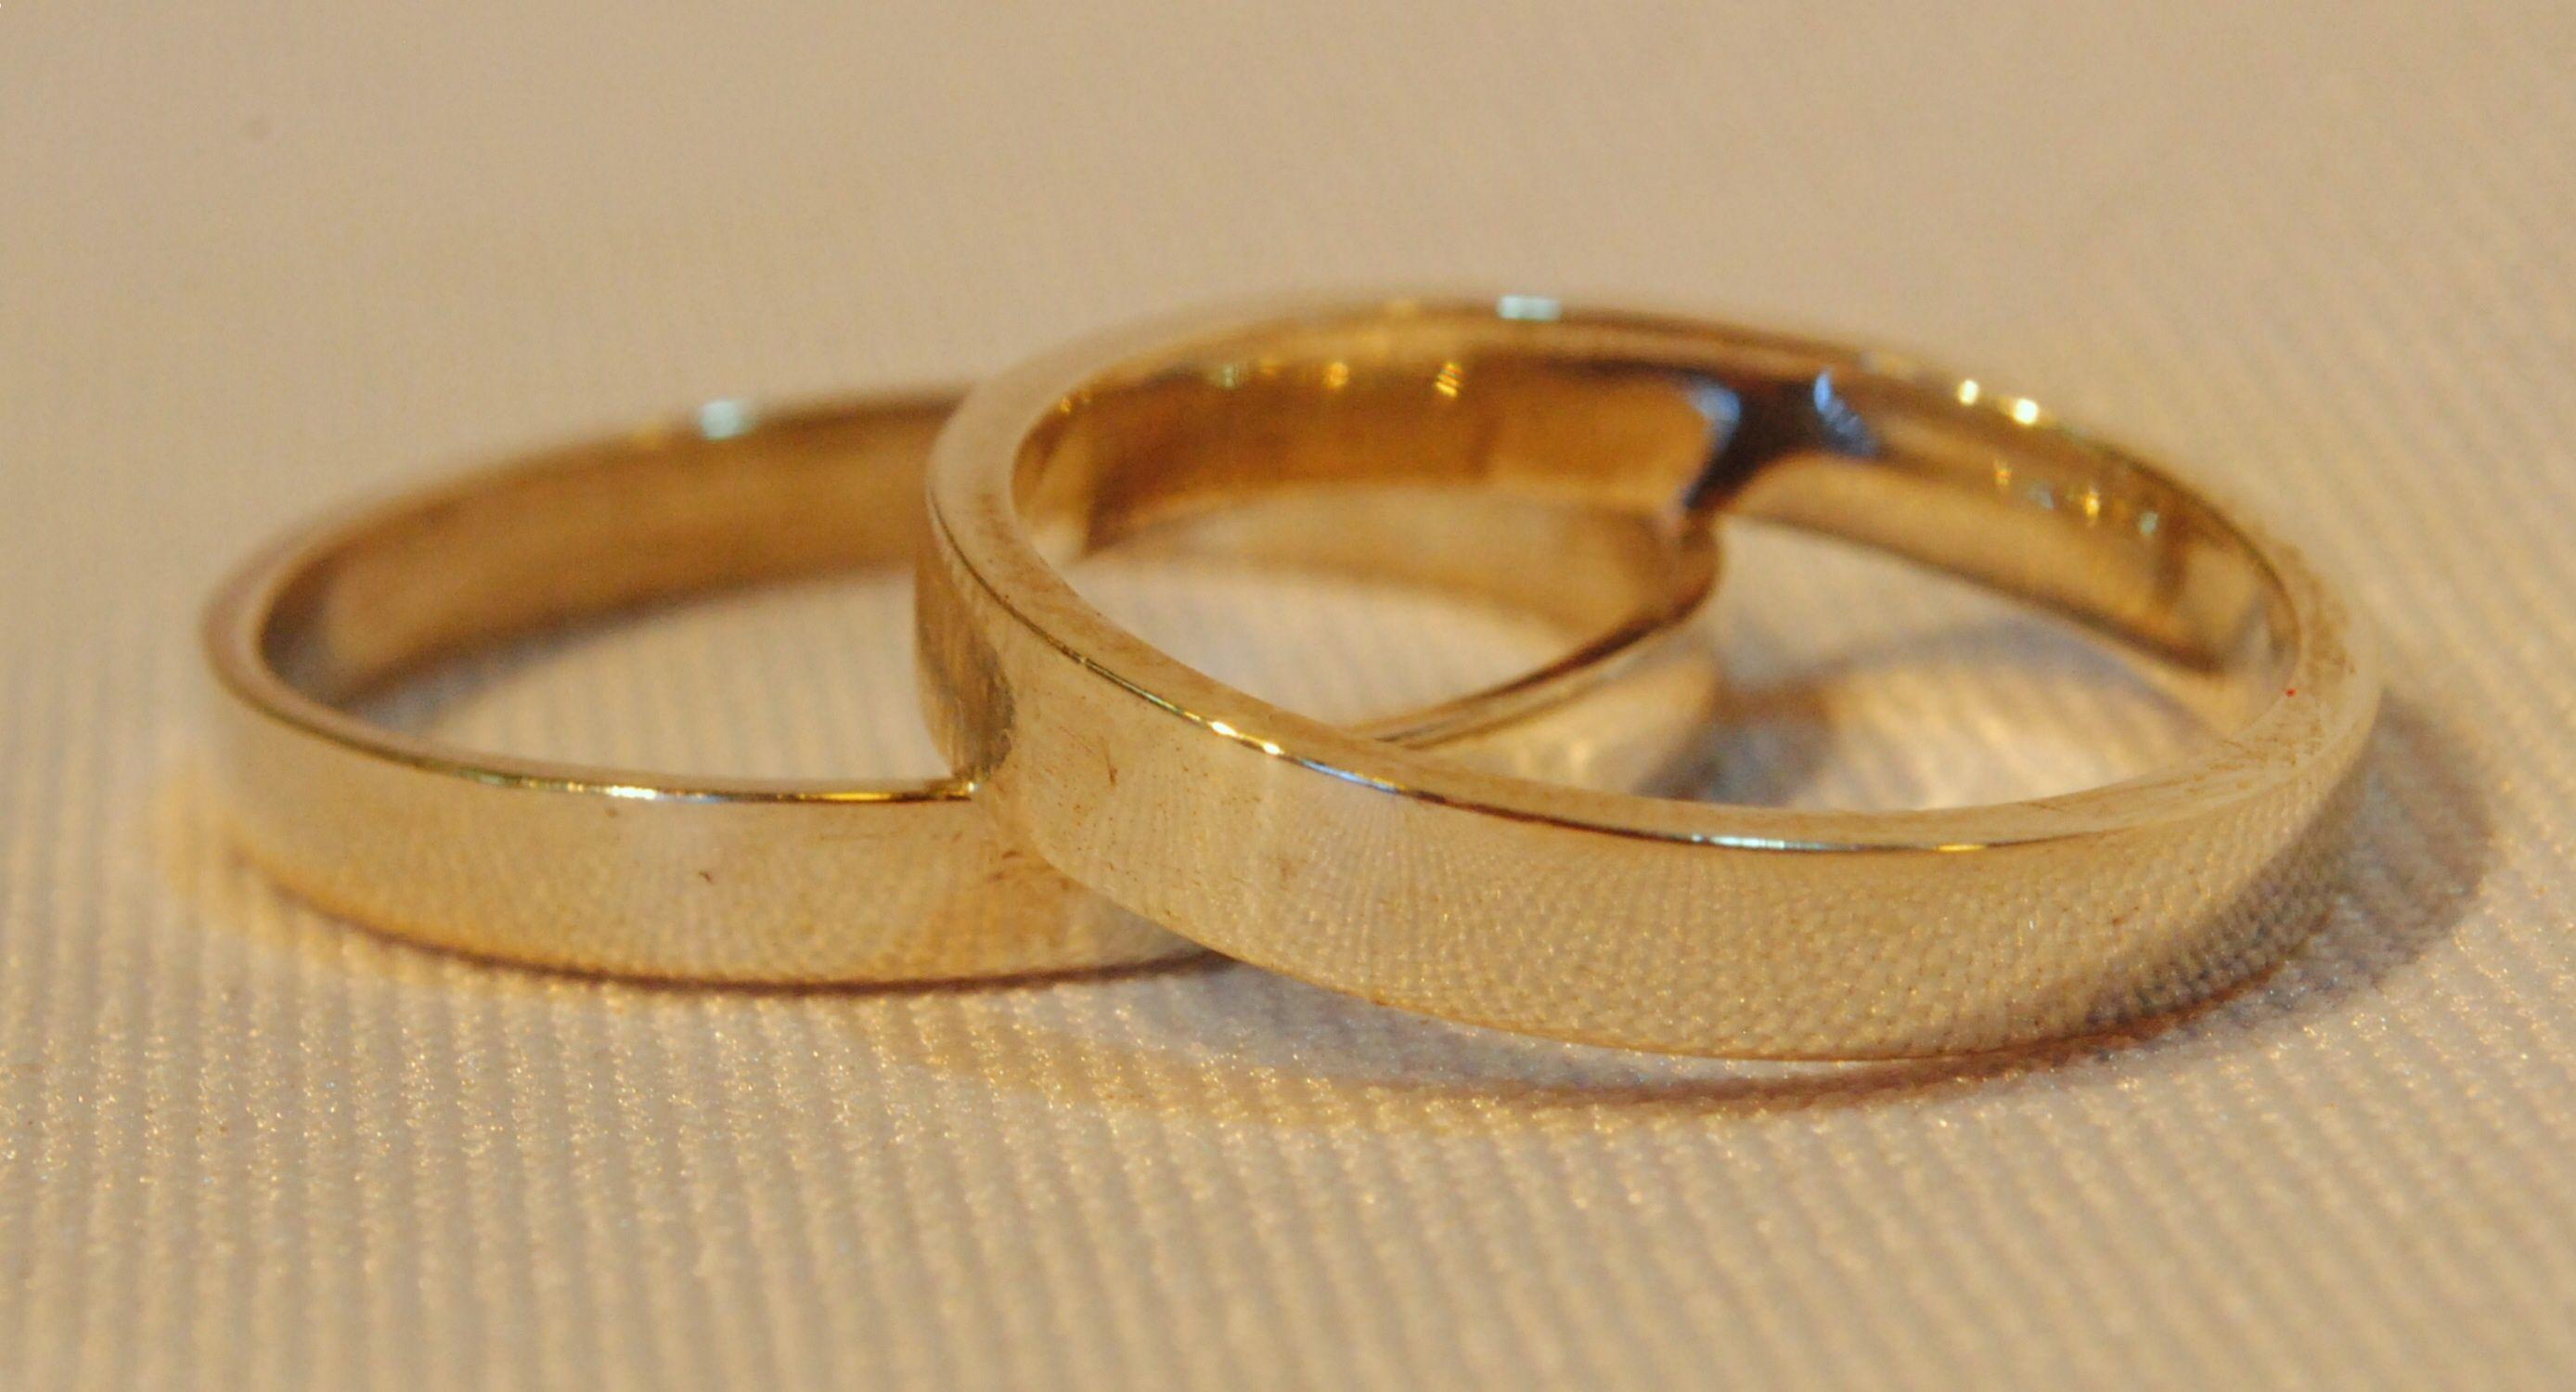 Alianzas En Oro 18k En Cinta De 4 Mm De Espesor Anillos Para Novios Anillos De Boda Sencillos Anillos De Casados